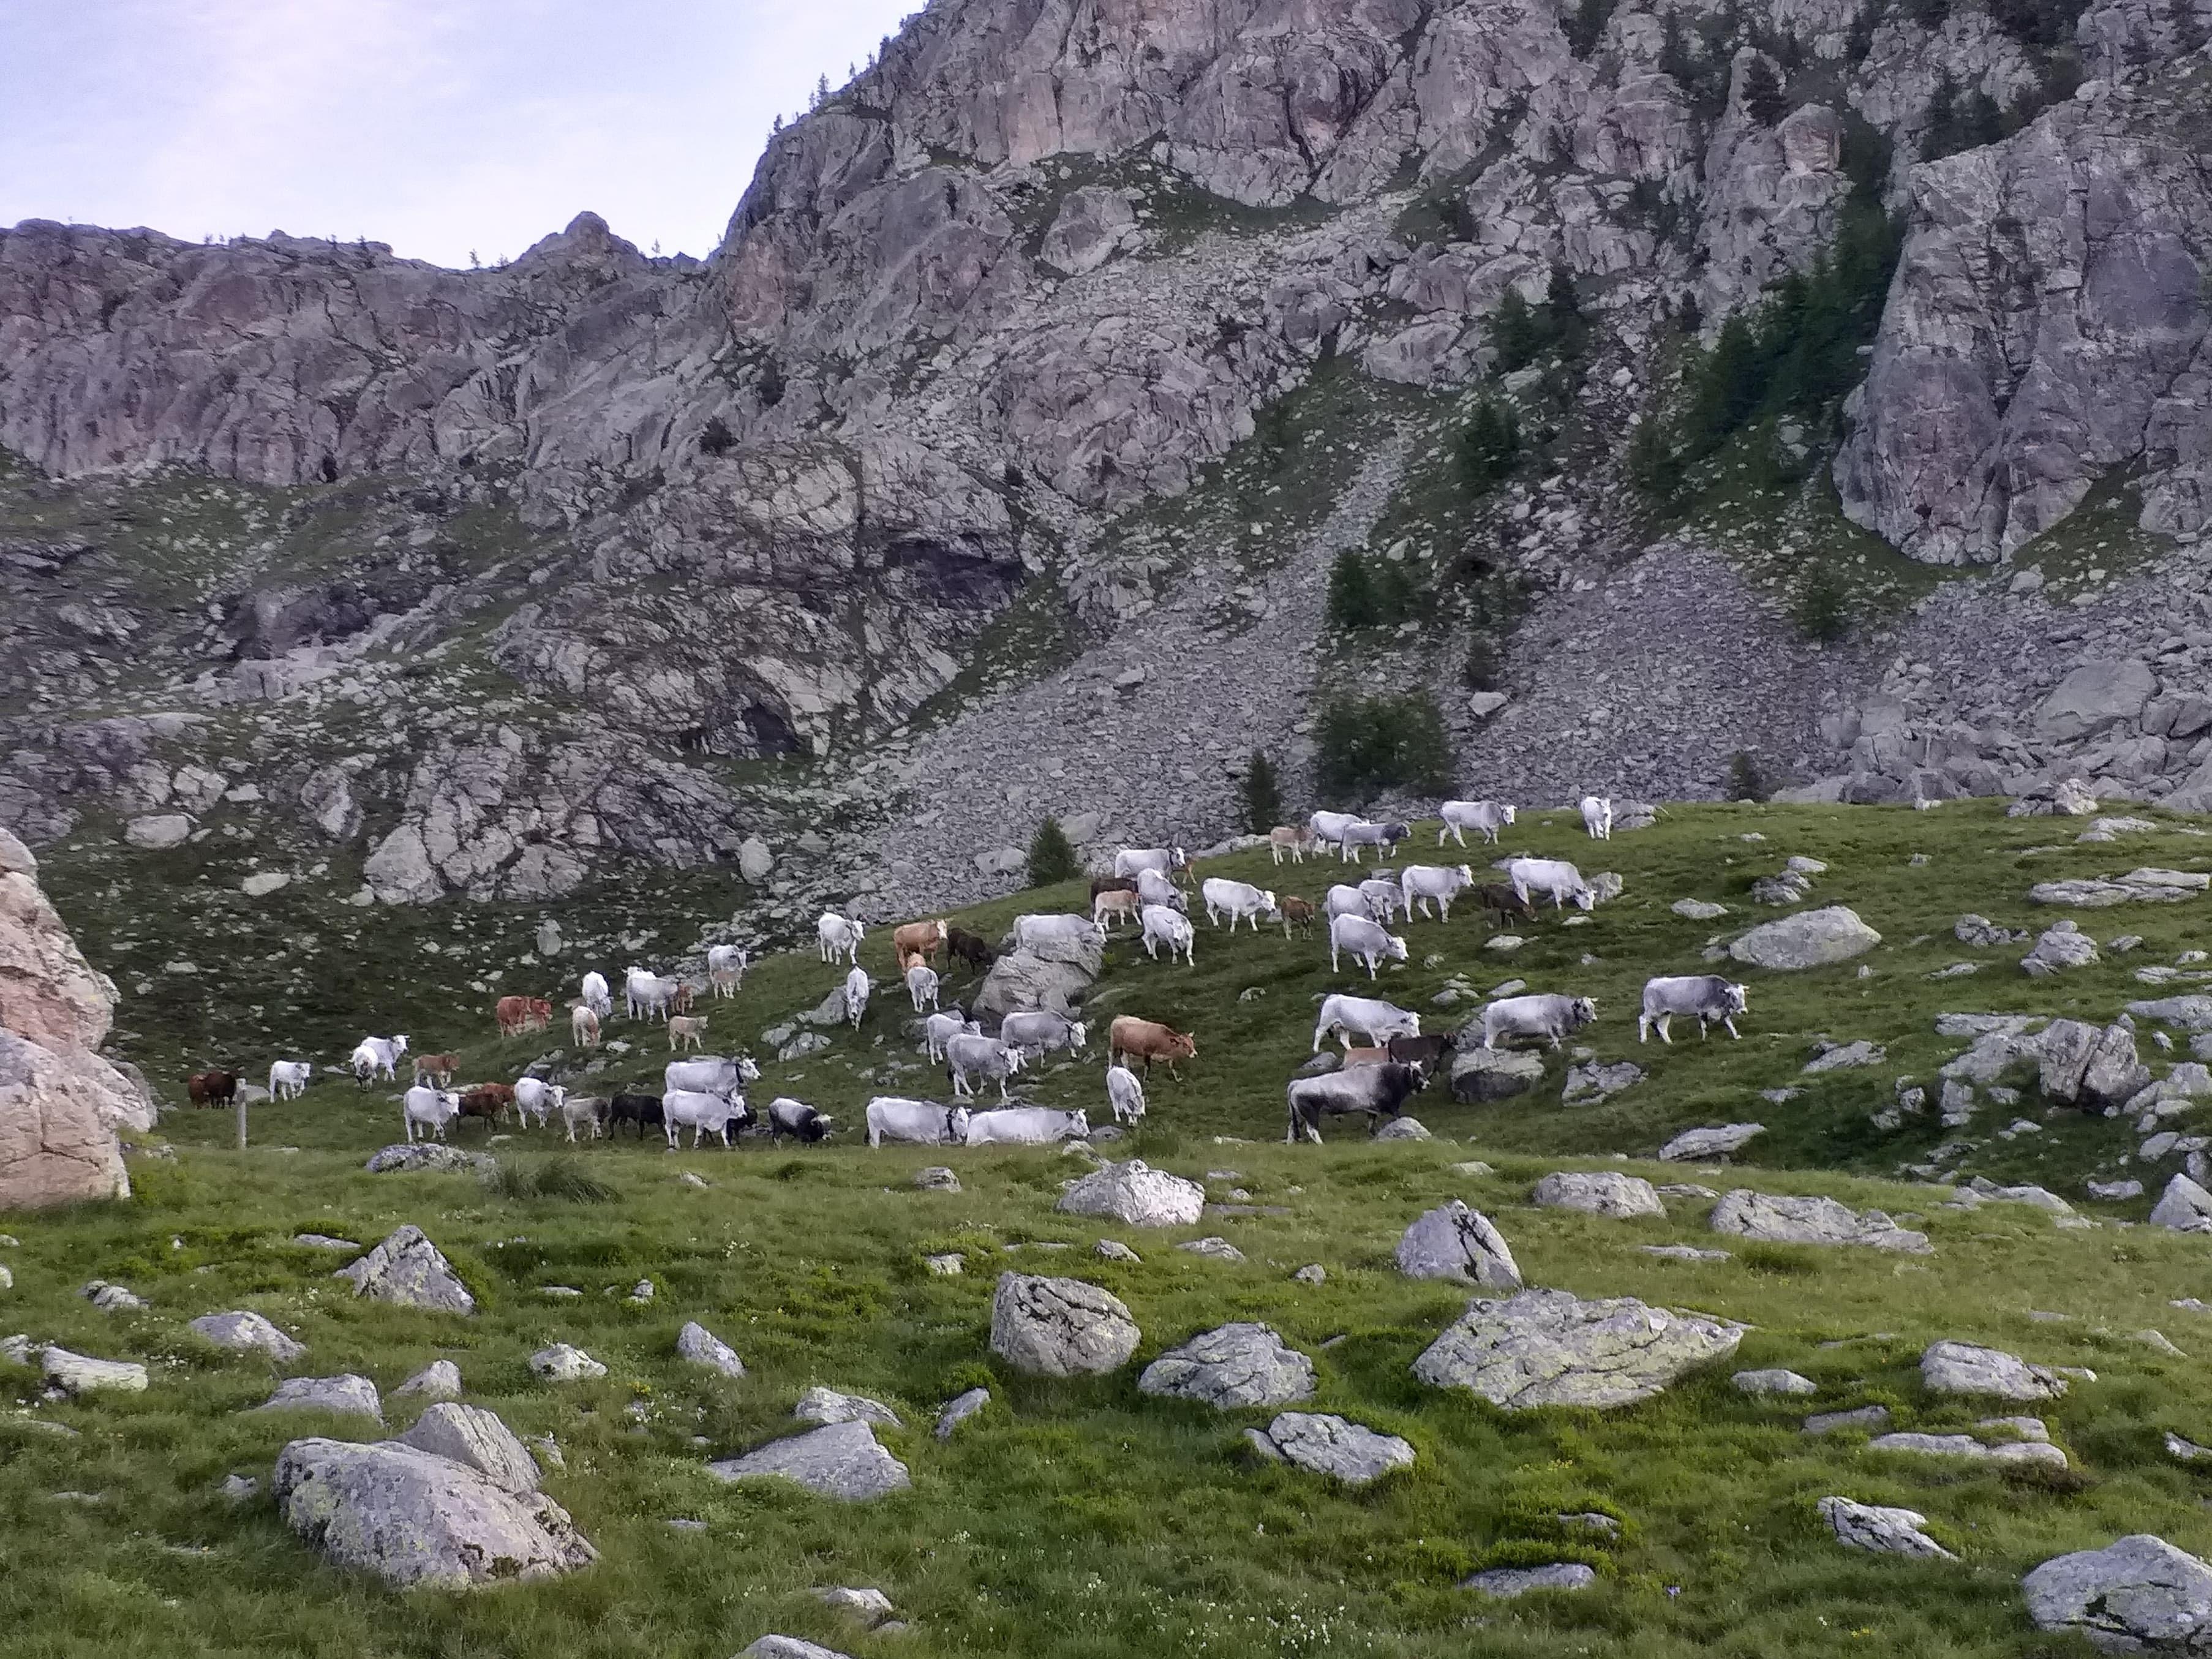 Le troupeau en pleine montagne